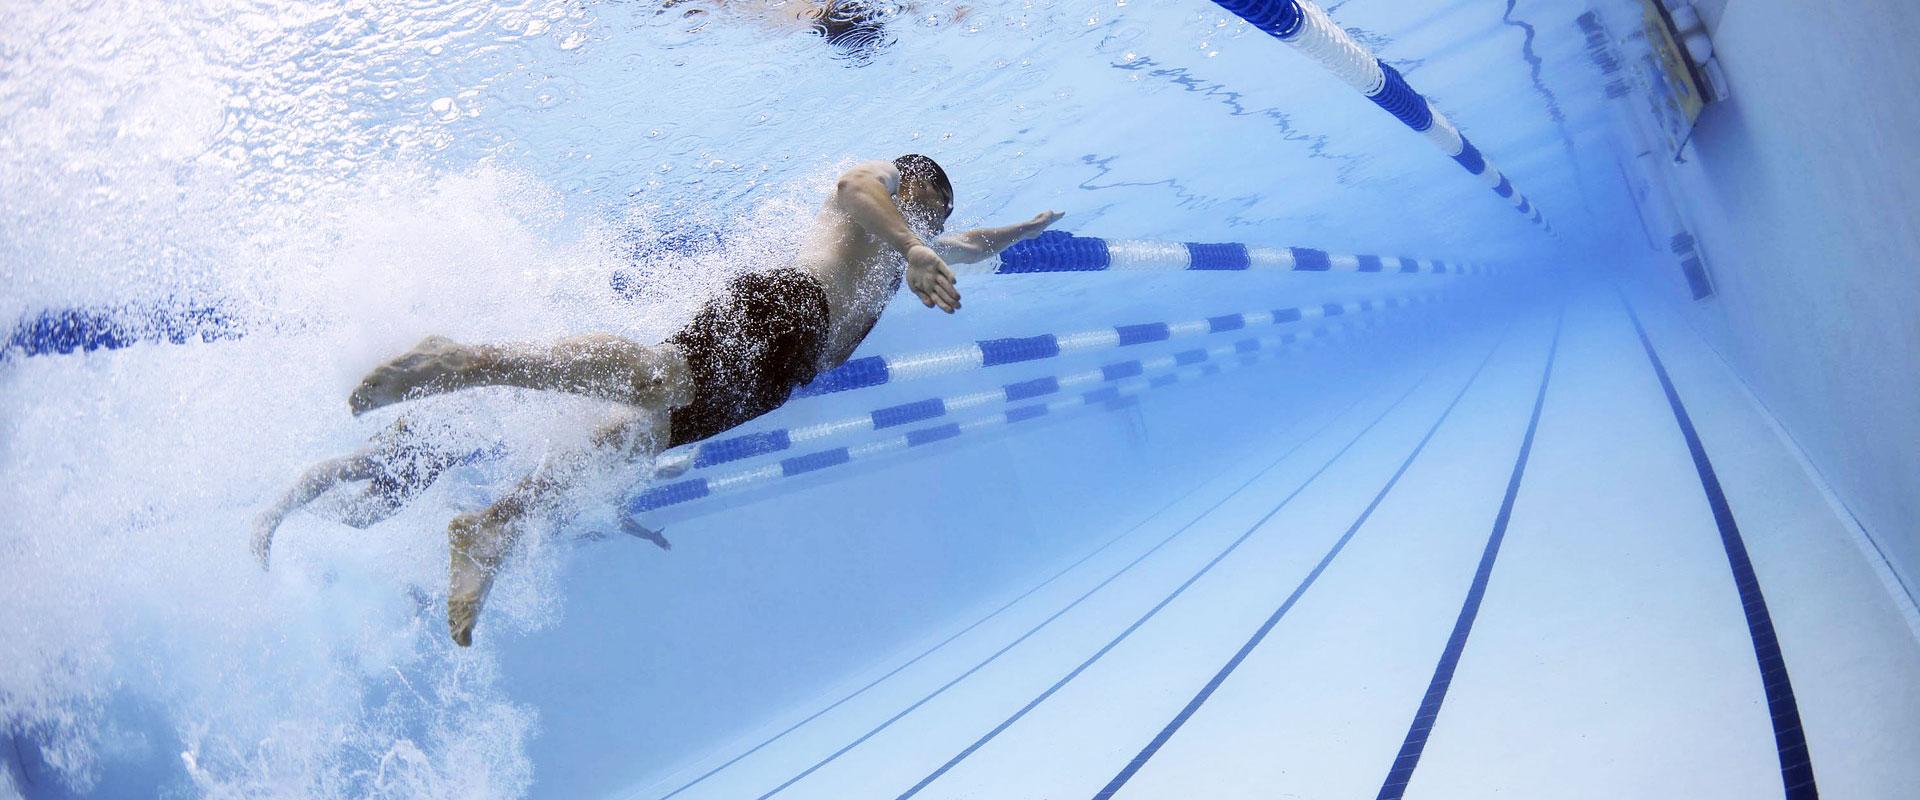 adulto nadando